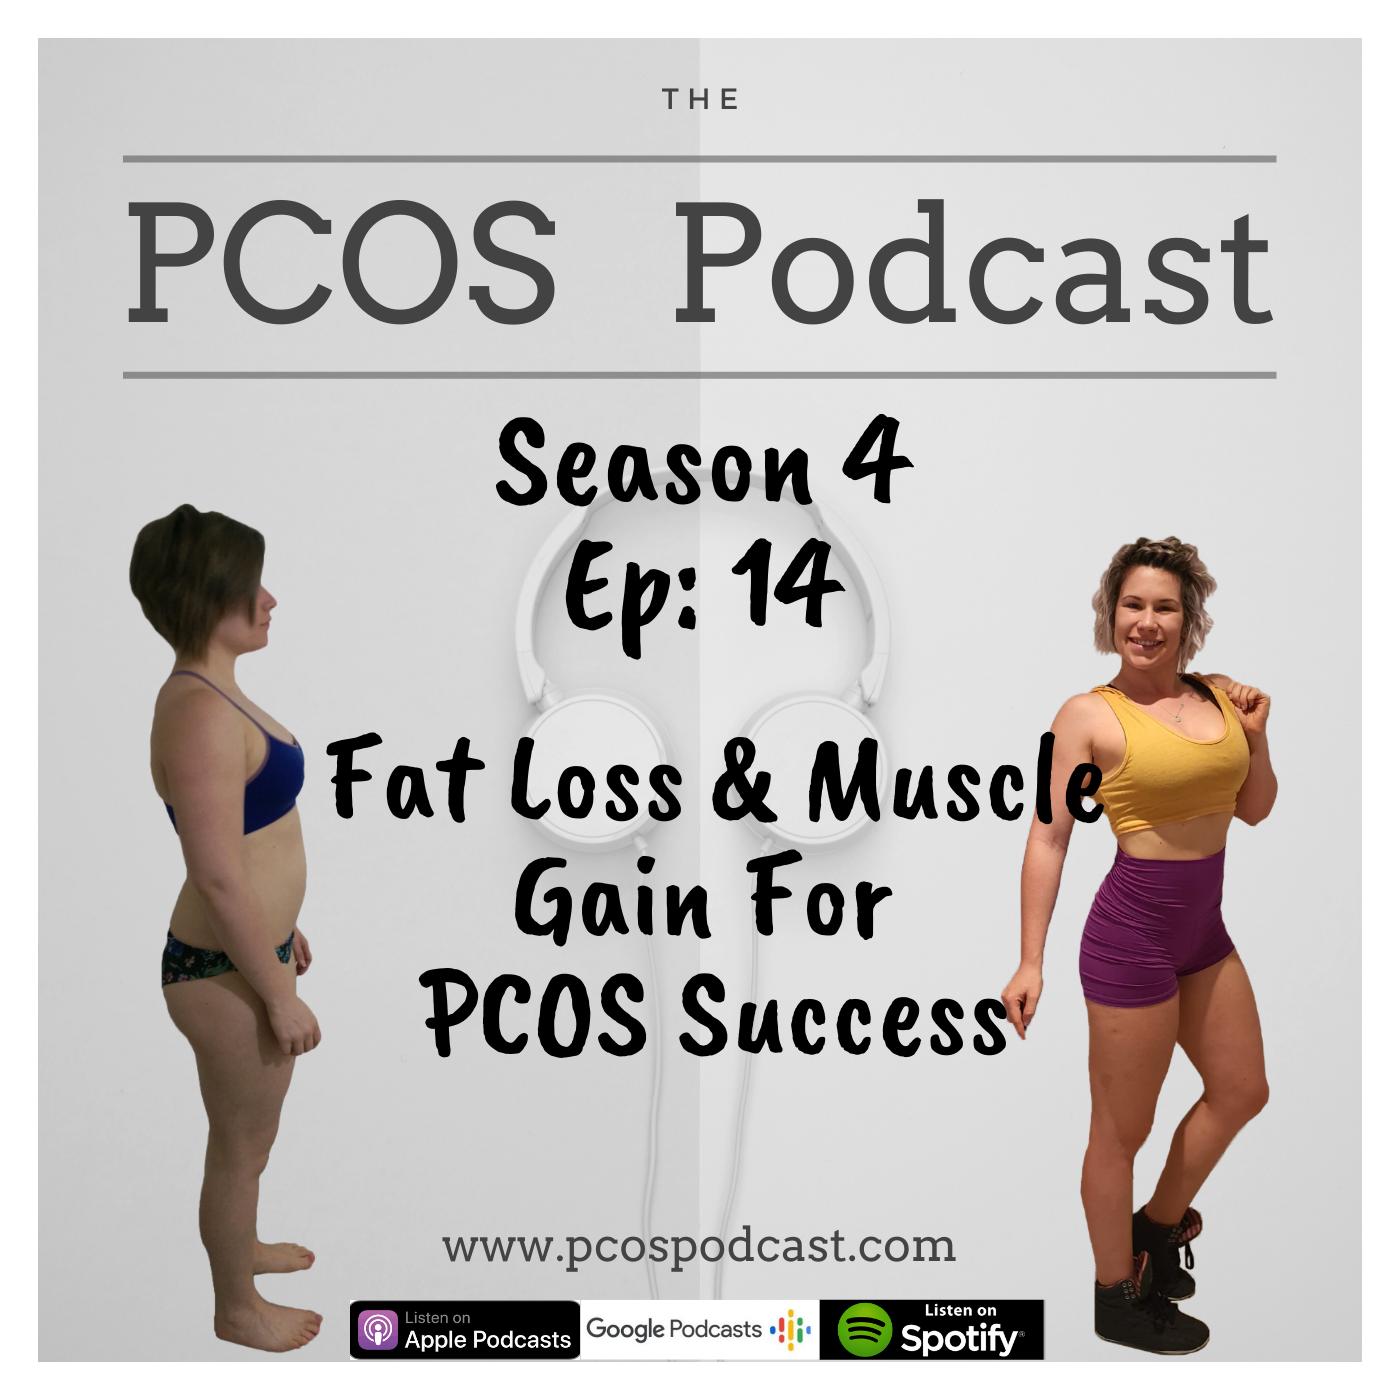 S4 E14 - FatLoss&MuscleGainForPCOSSuccess